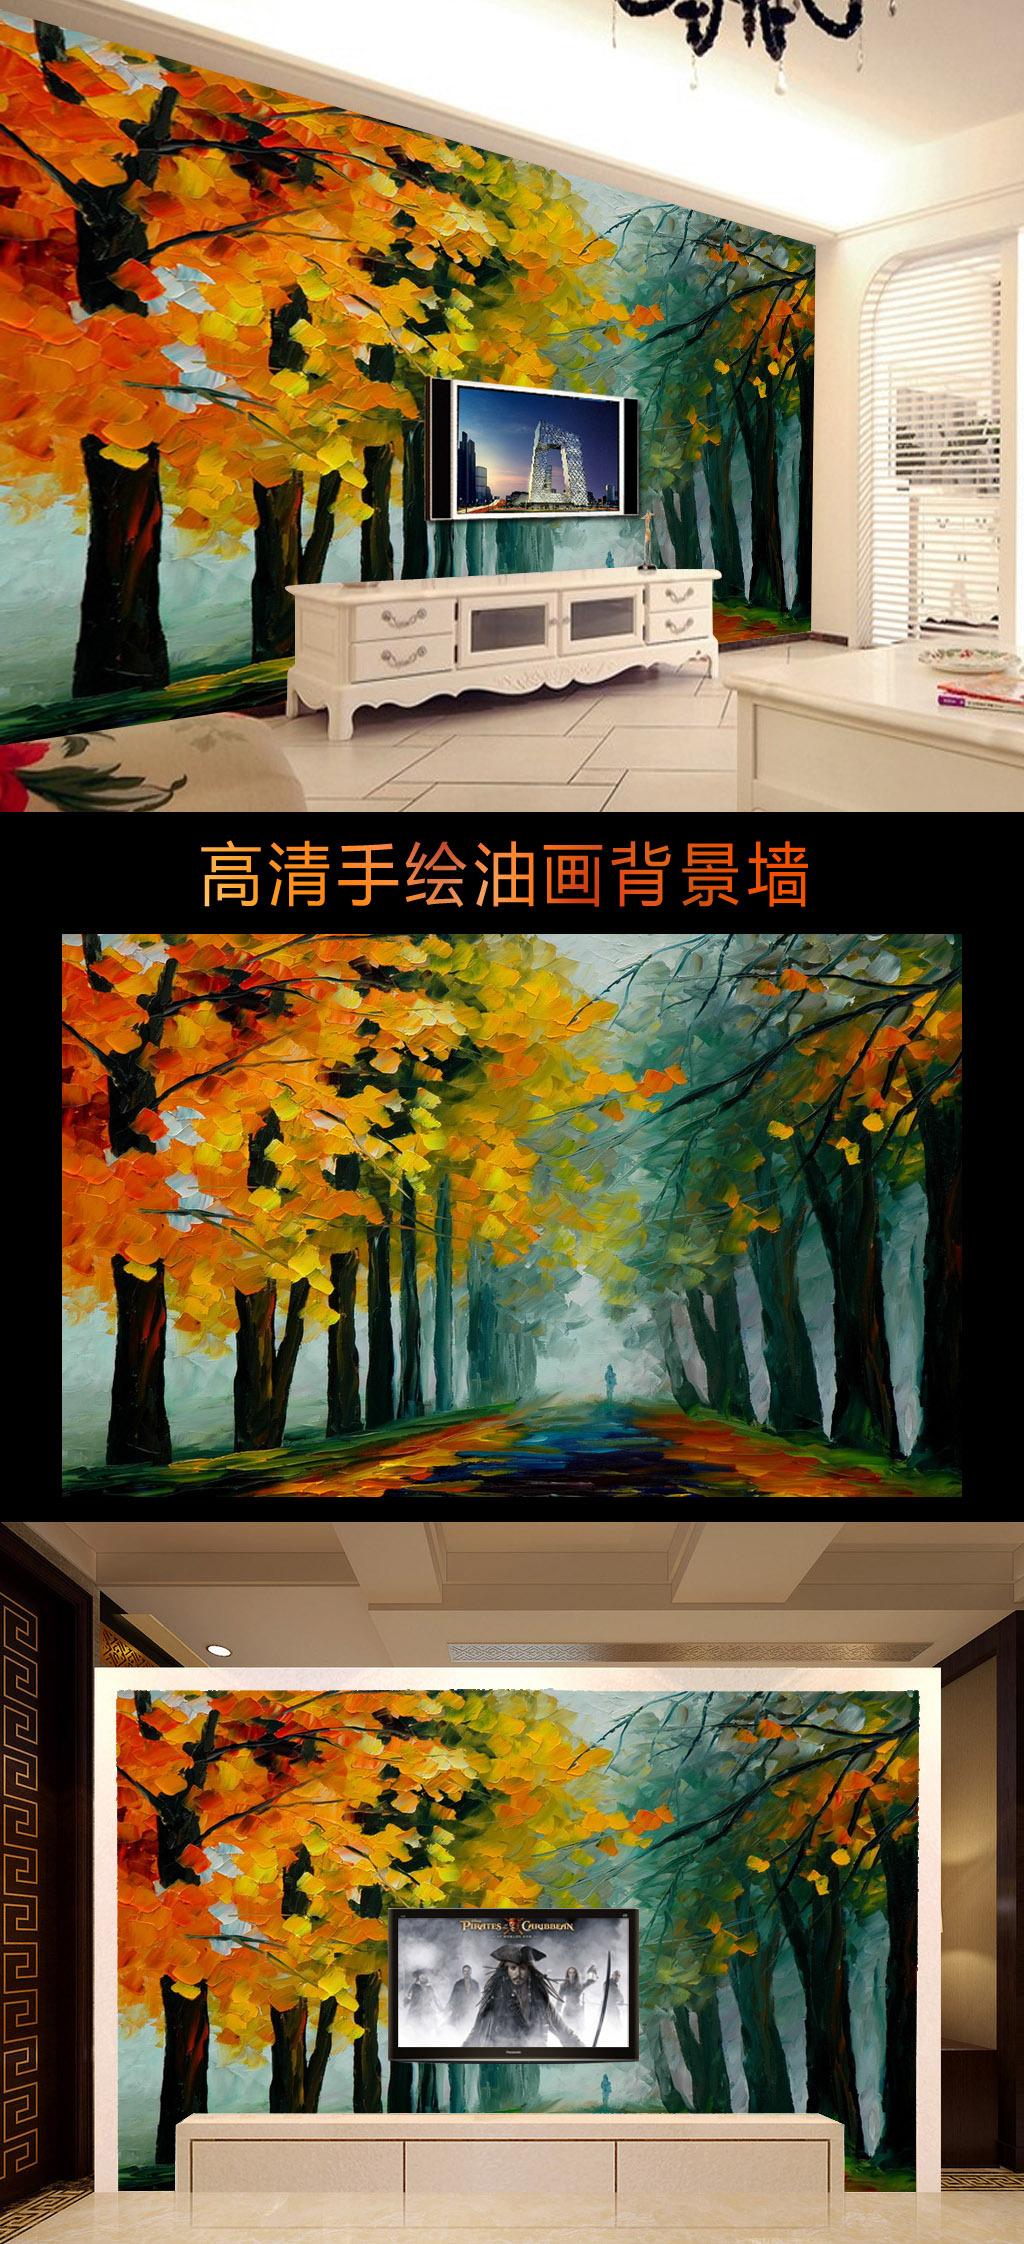 高清手绘风景画油画林荫小道玄关门厅背景墙